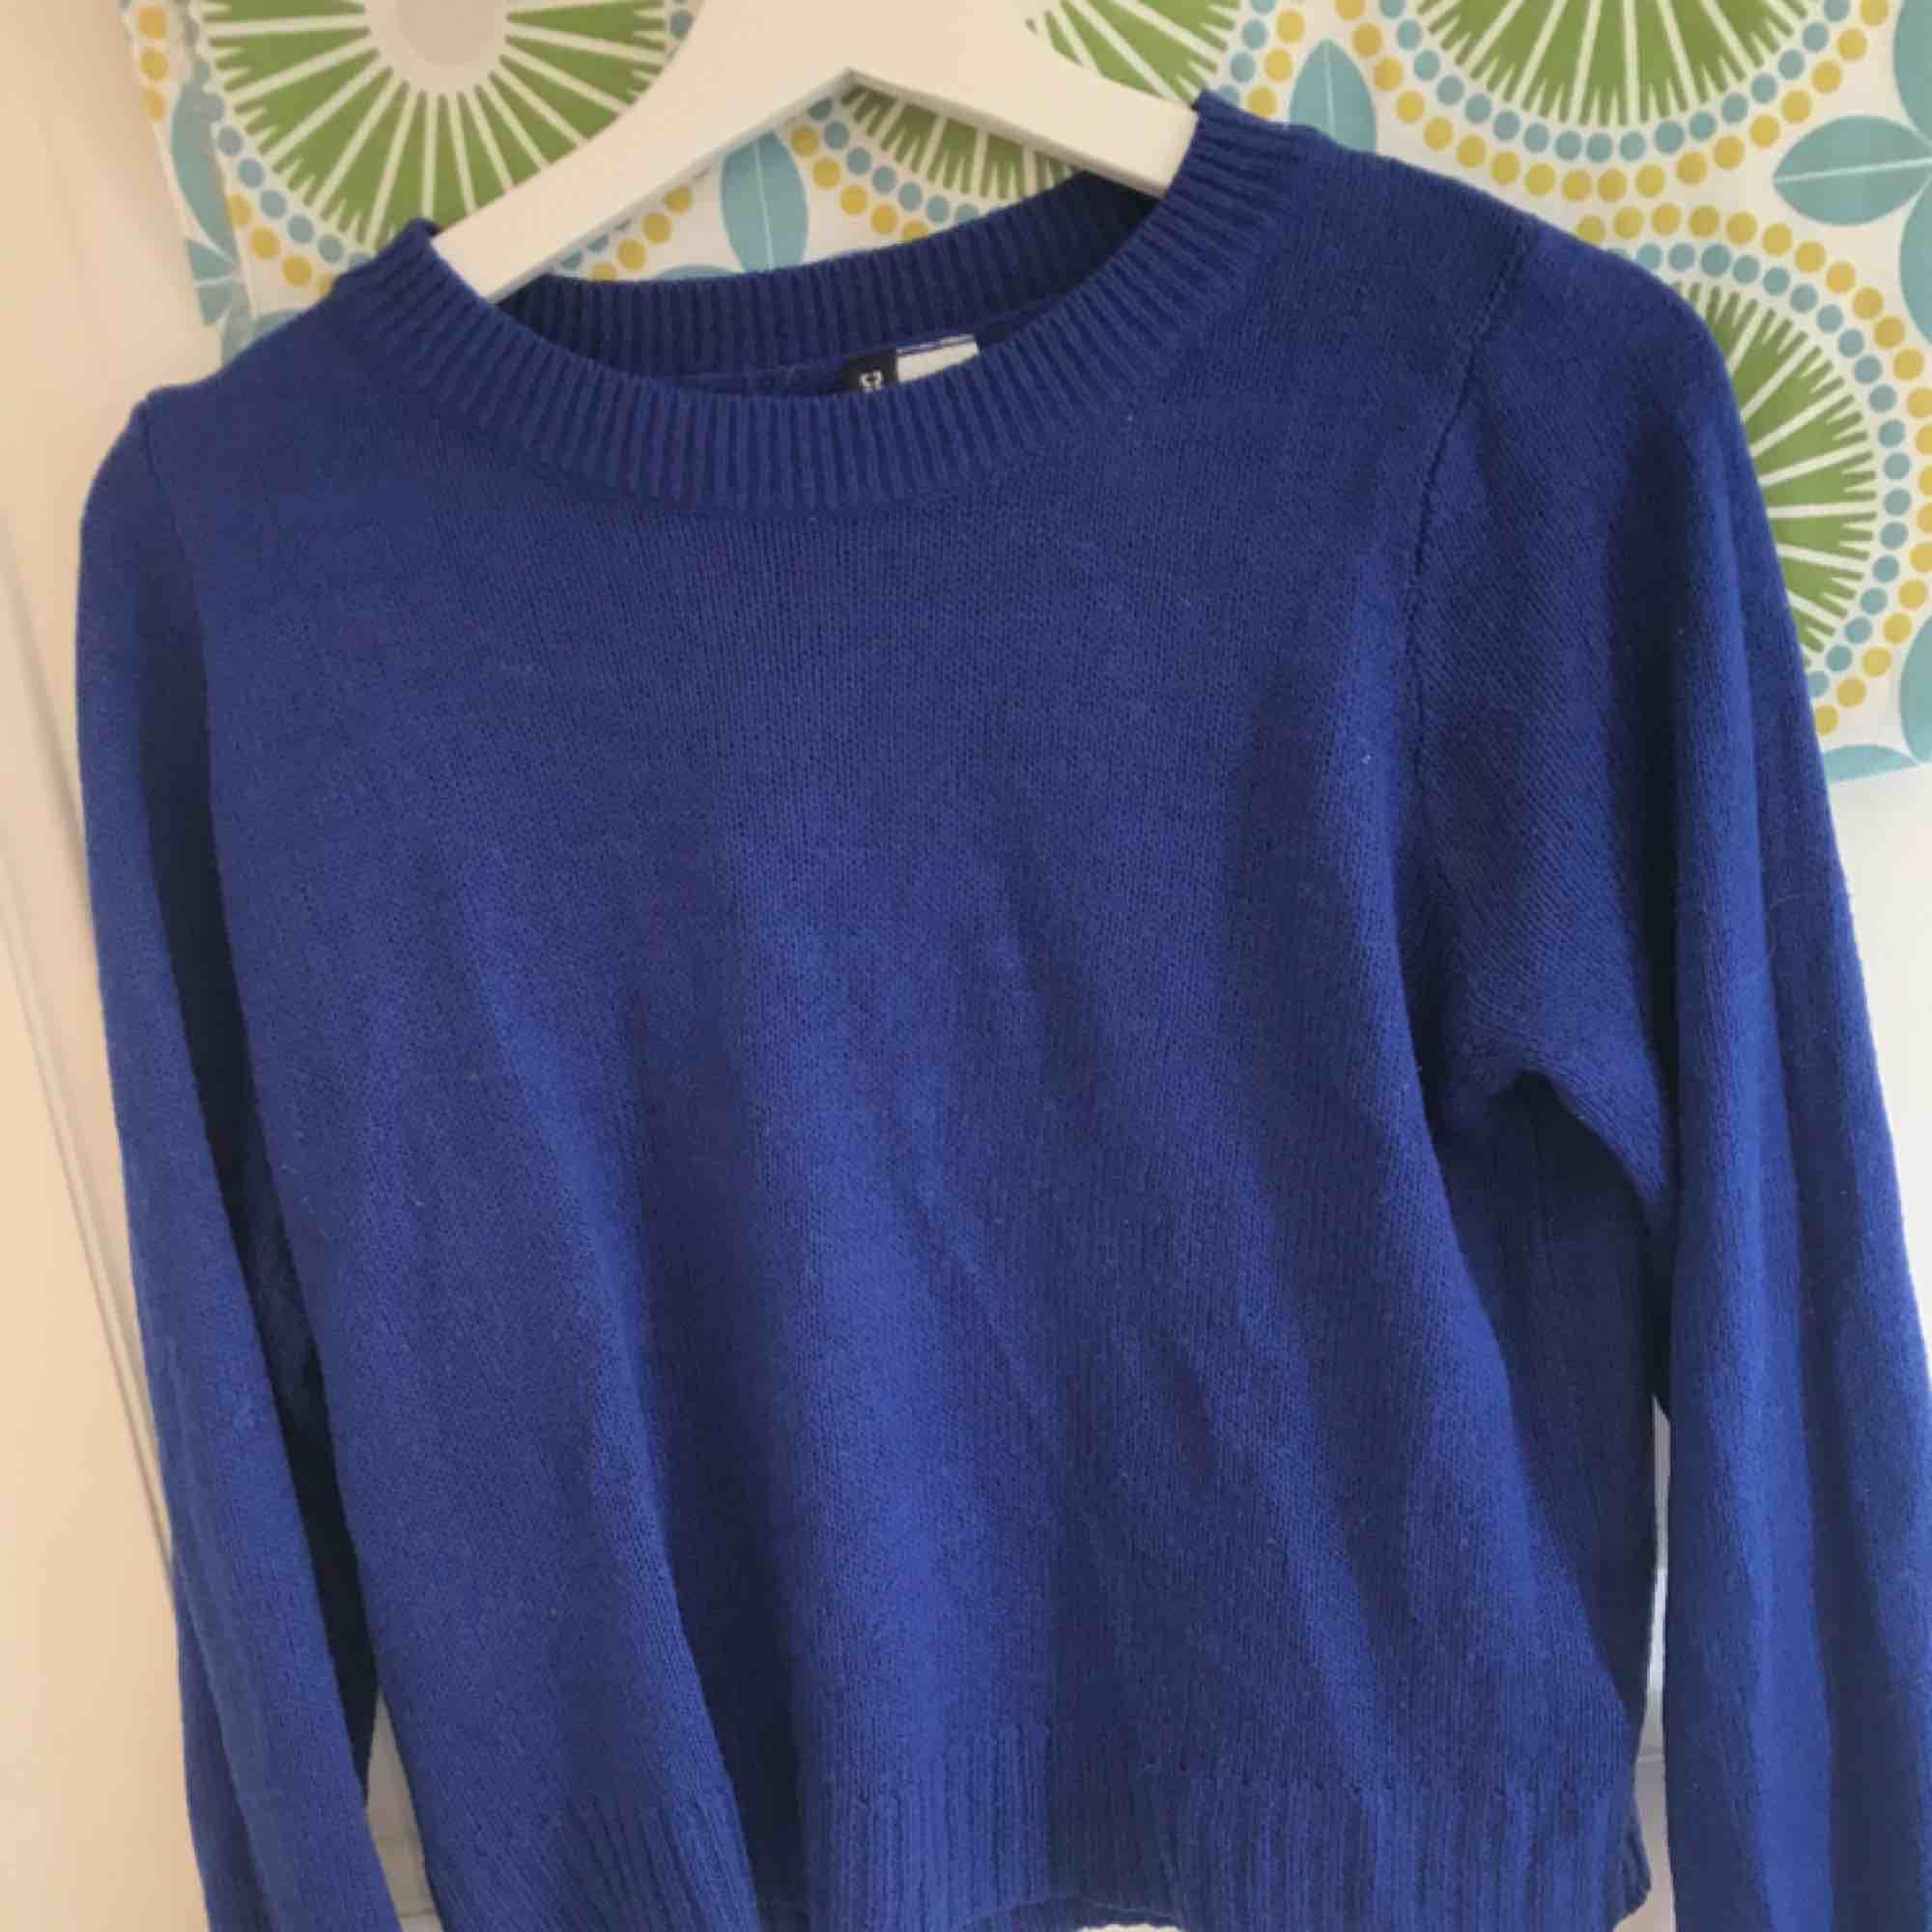 Väldigt skön stickad blå tröja ifrån HM, storlek S. Nypris- 150kr Säljs pga att jag aldrig använder. Kan mötas upp i Borås annars står köparen för frakt. Skriv vid intresse för mer info!. Stickat.